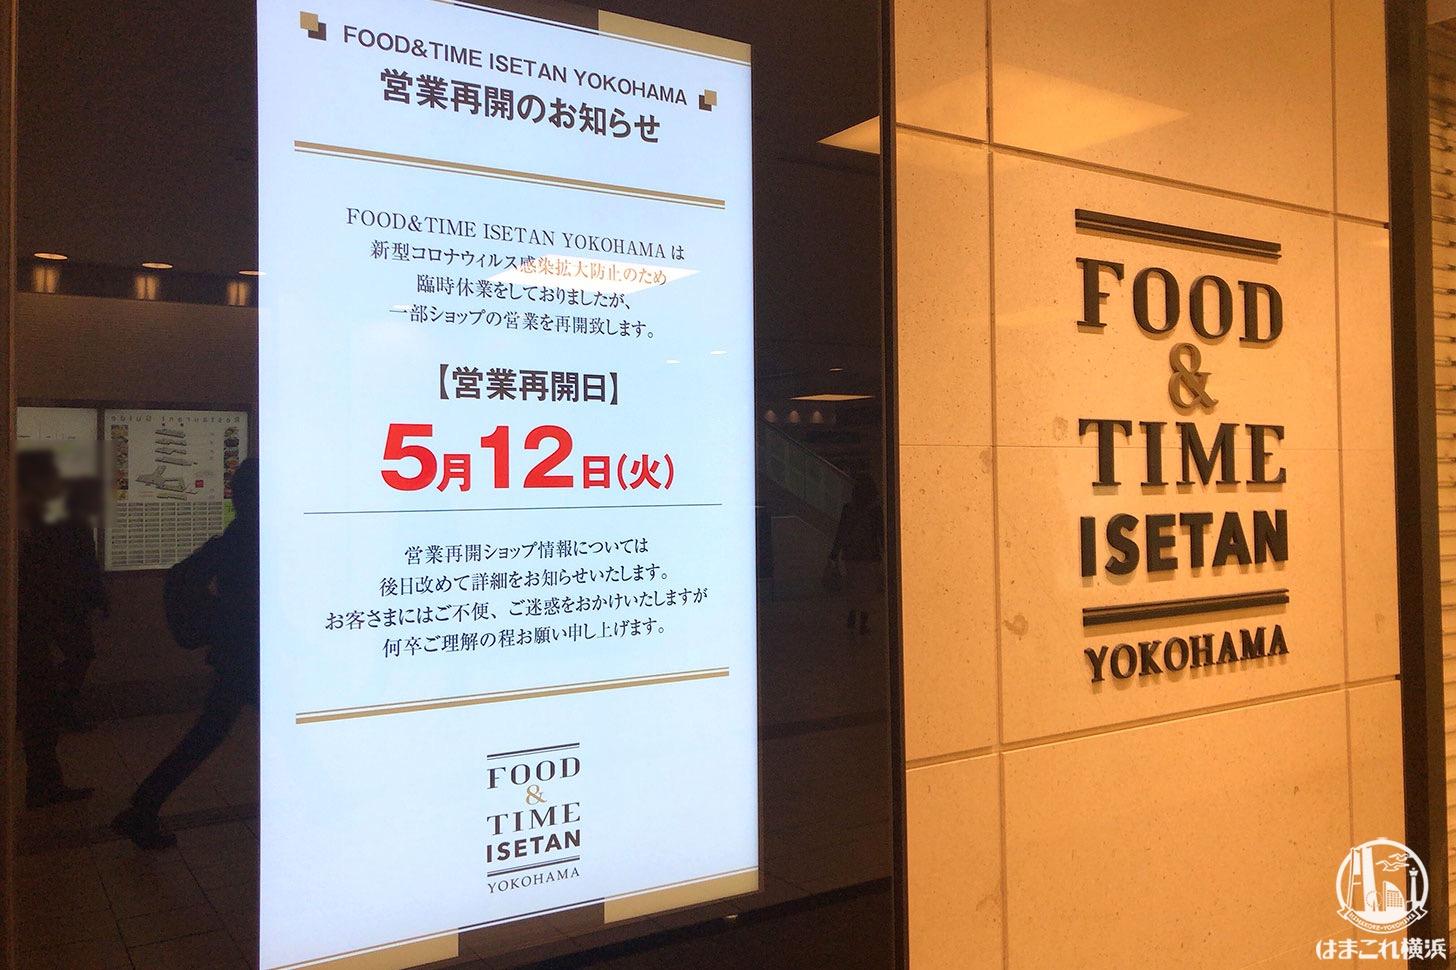 横浜駅「フード アンド タイム イセタン ヨコハマ」一部ショップの営業再開